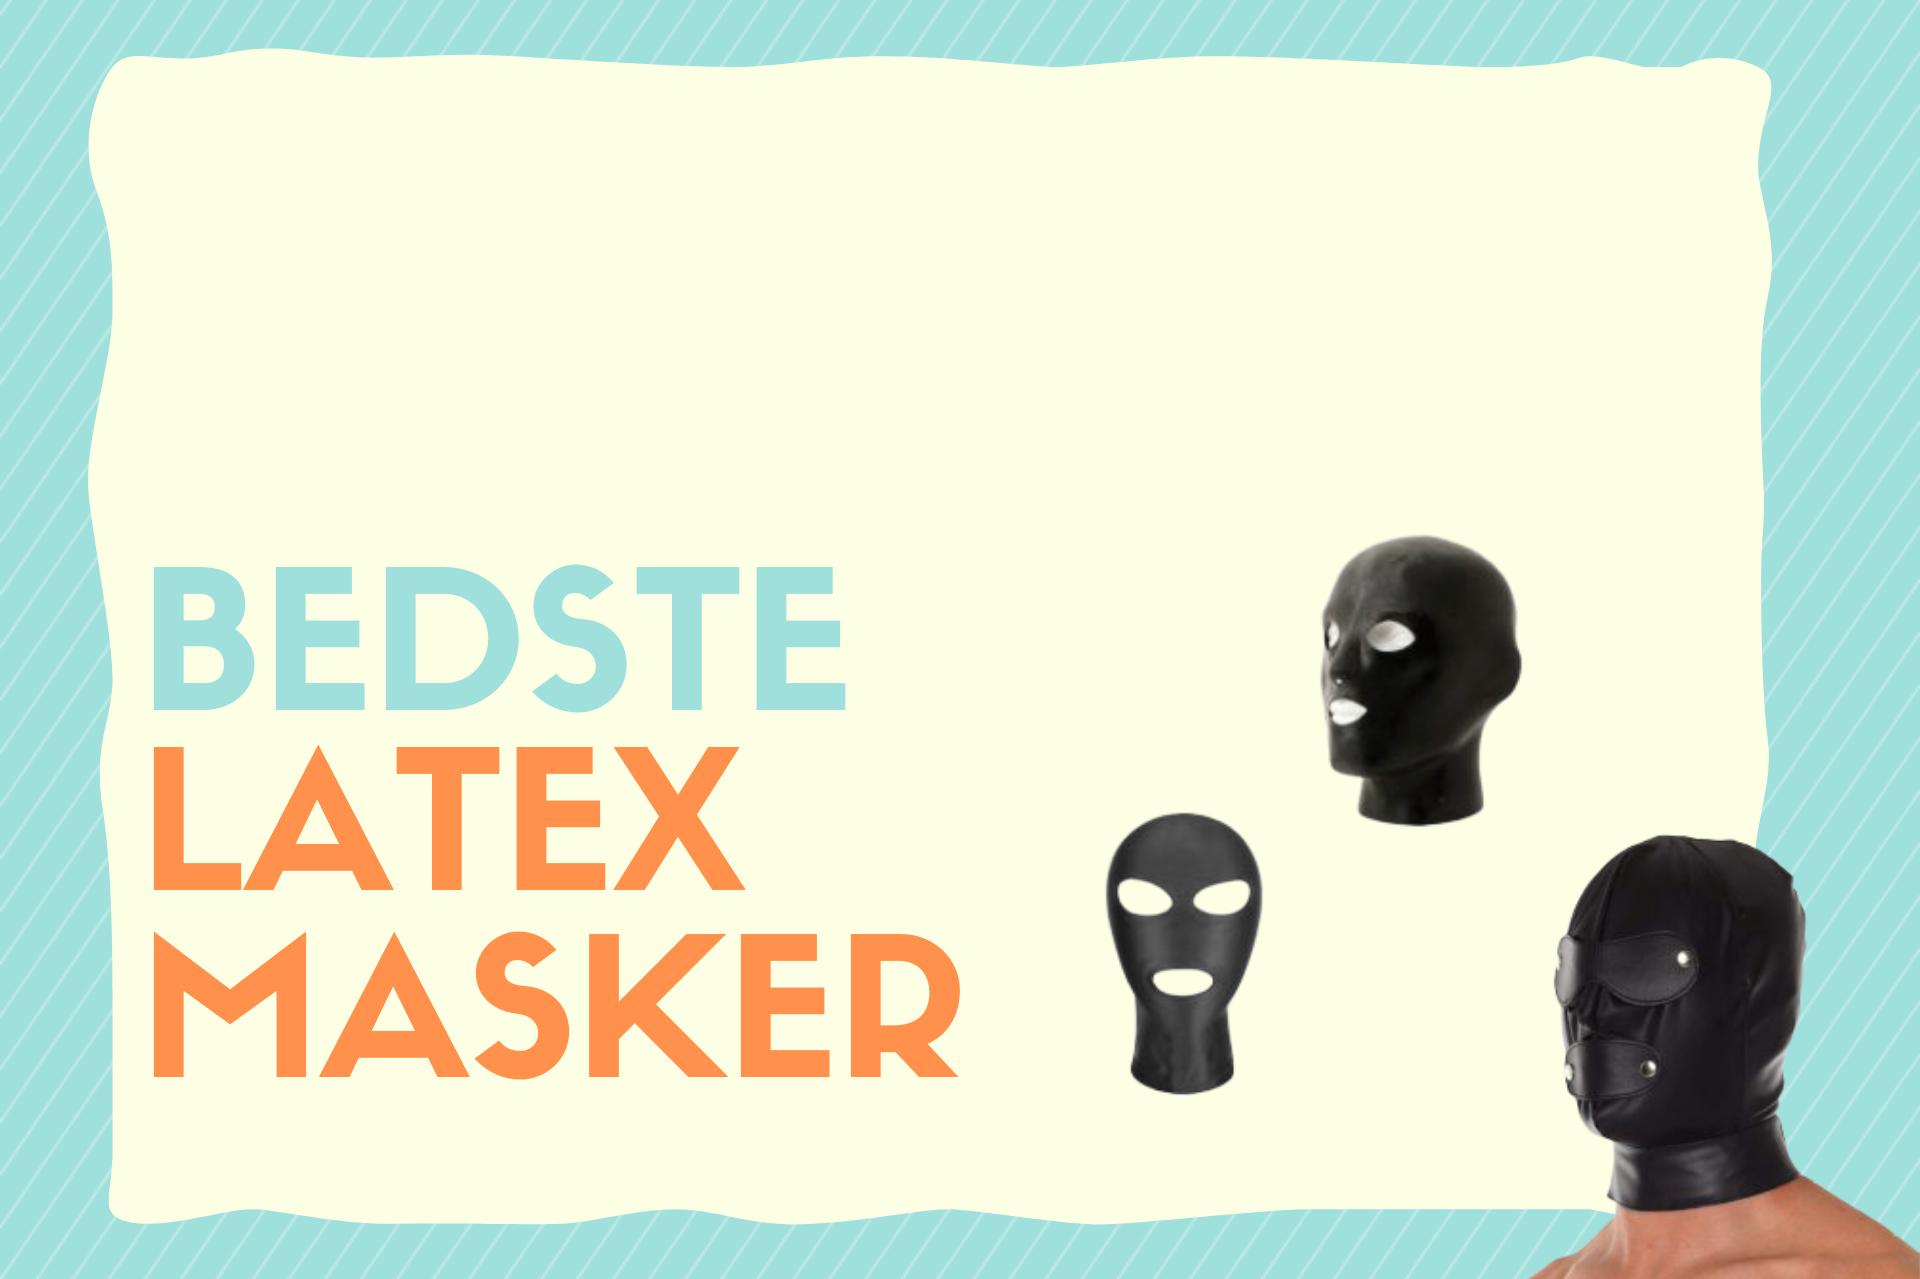 bedste latex masker